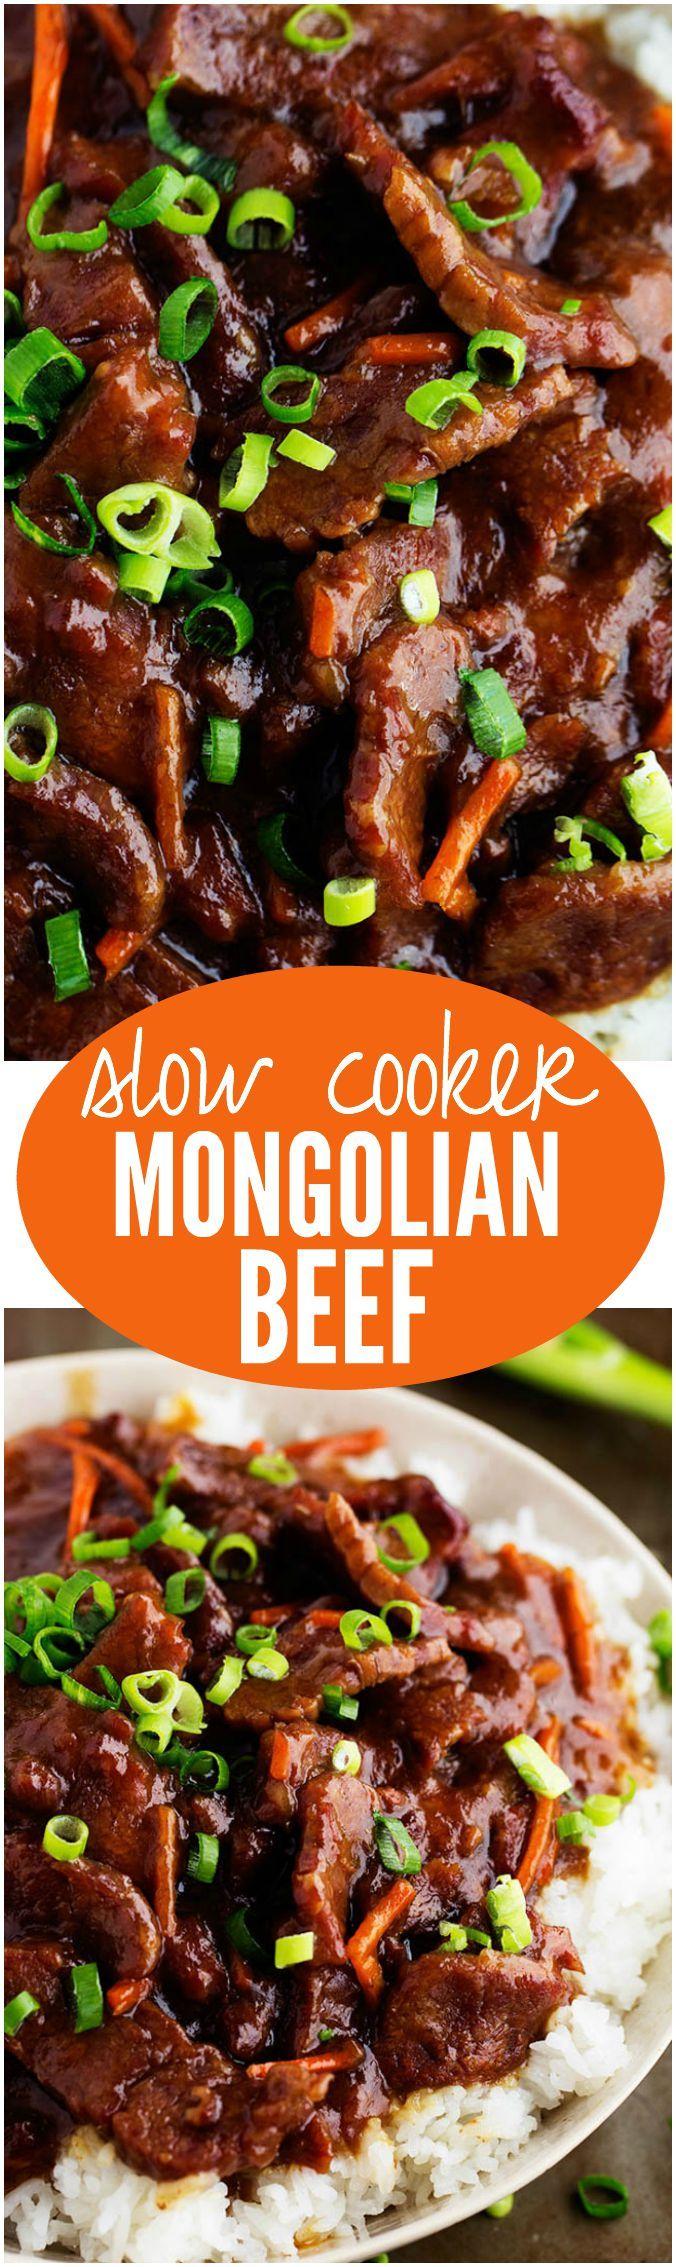 Slow Cooker Mongolian Beef #beefdishes